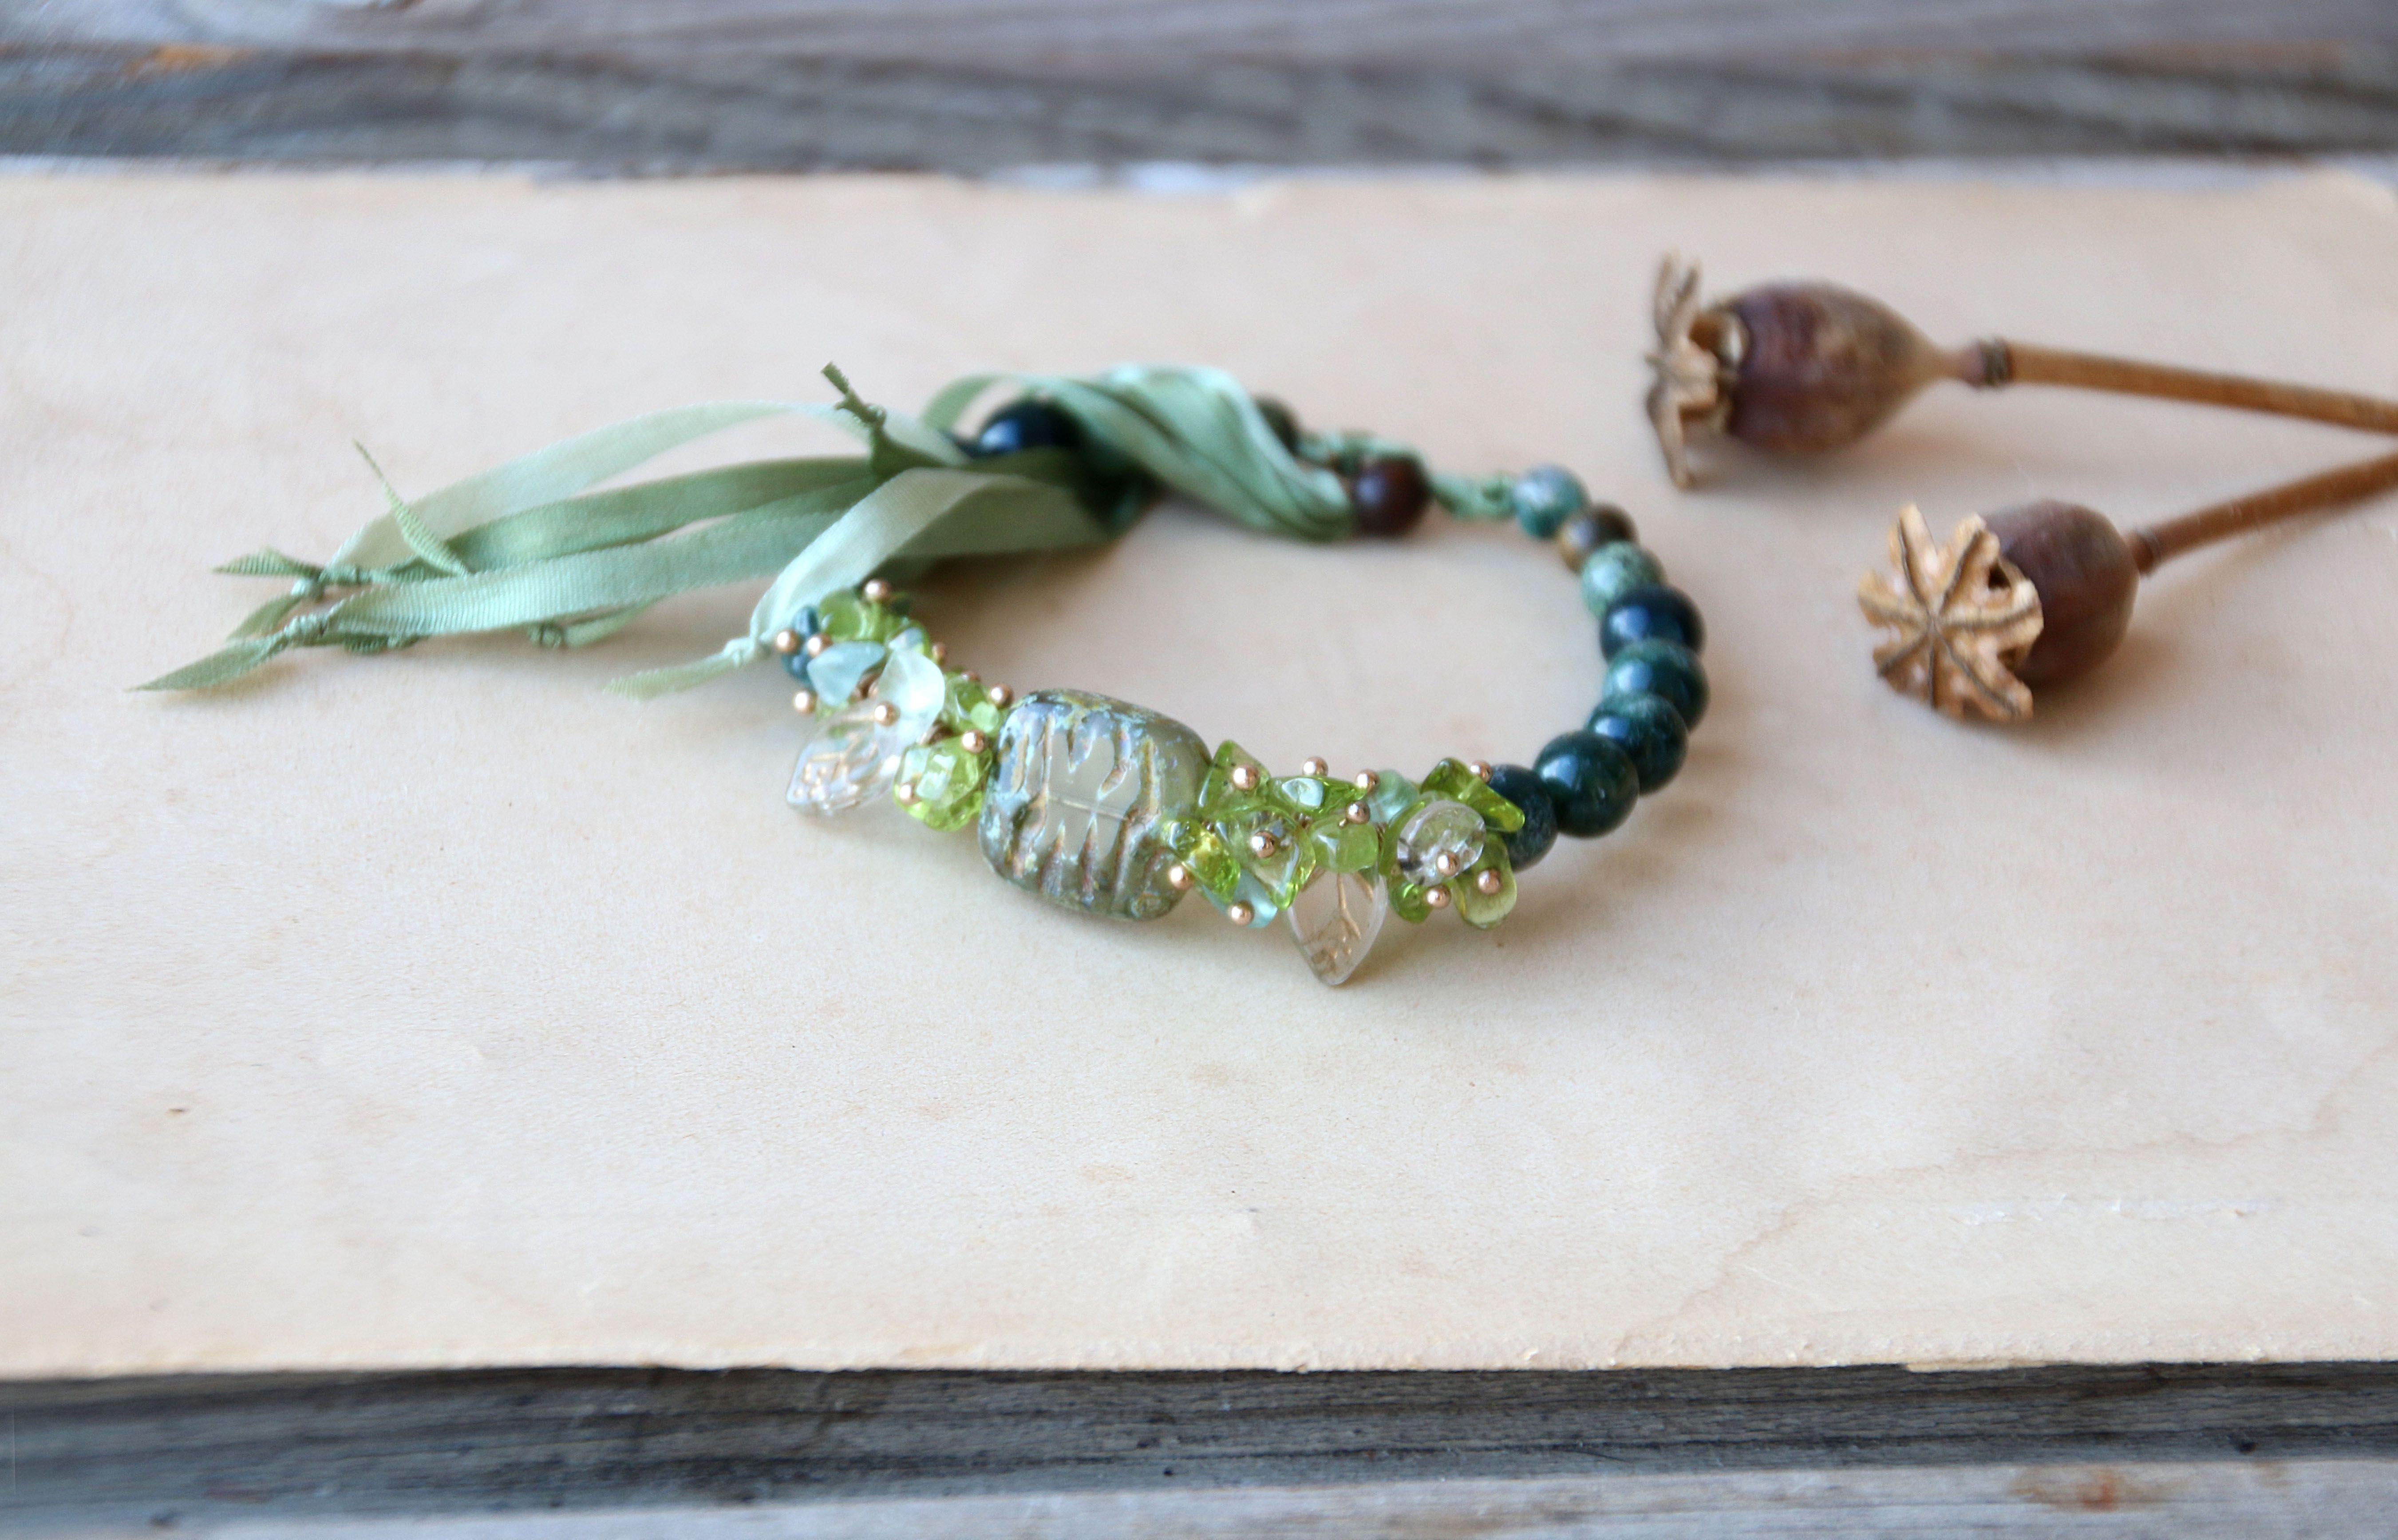 травы зеленый авторский барслет прозрачное природный лесной камни моховой натуральные